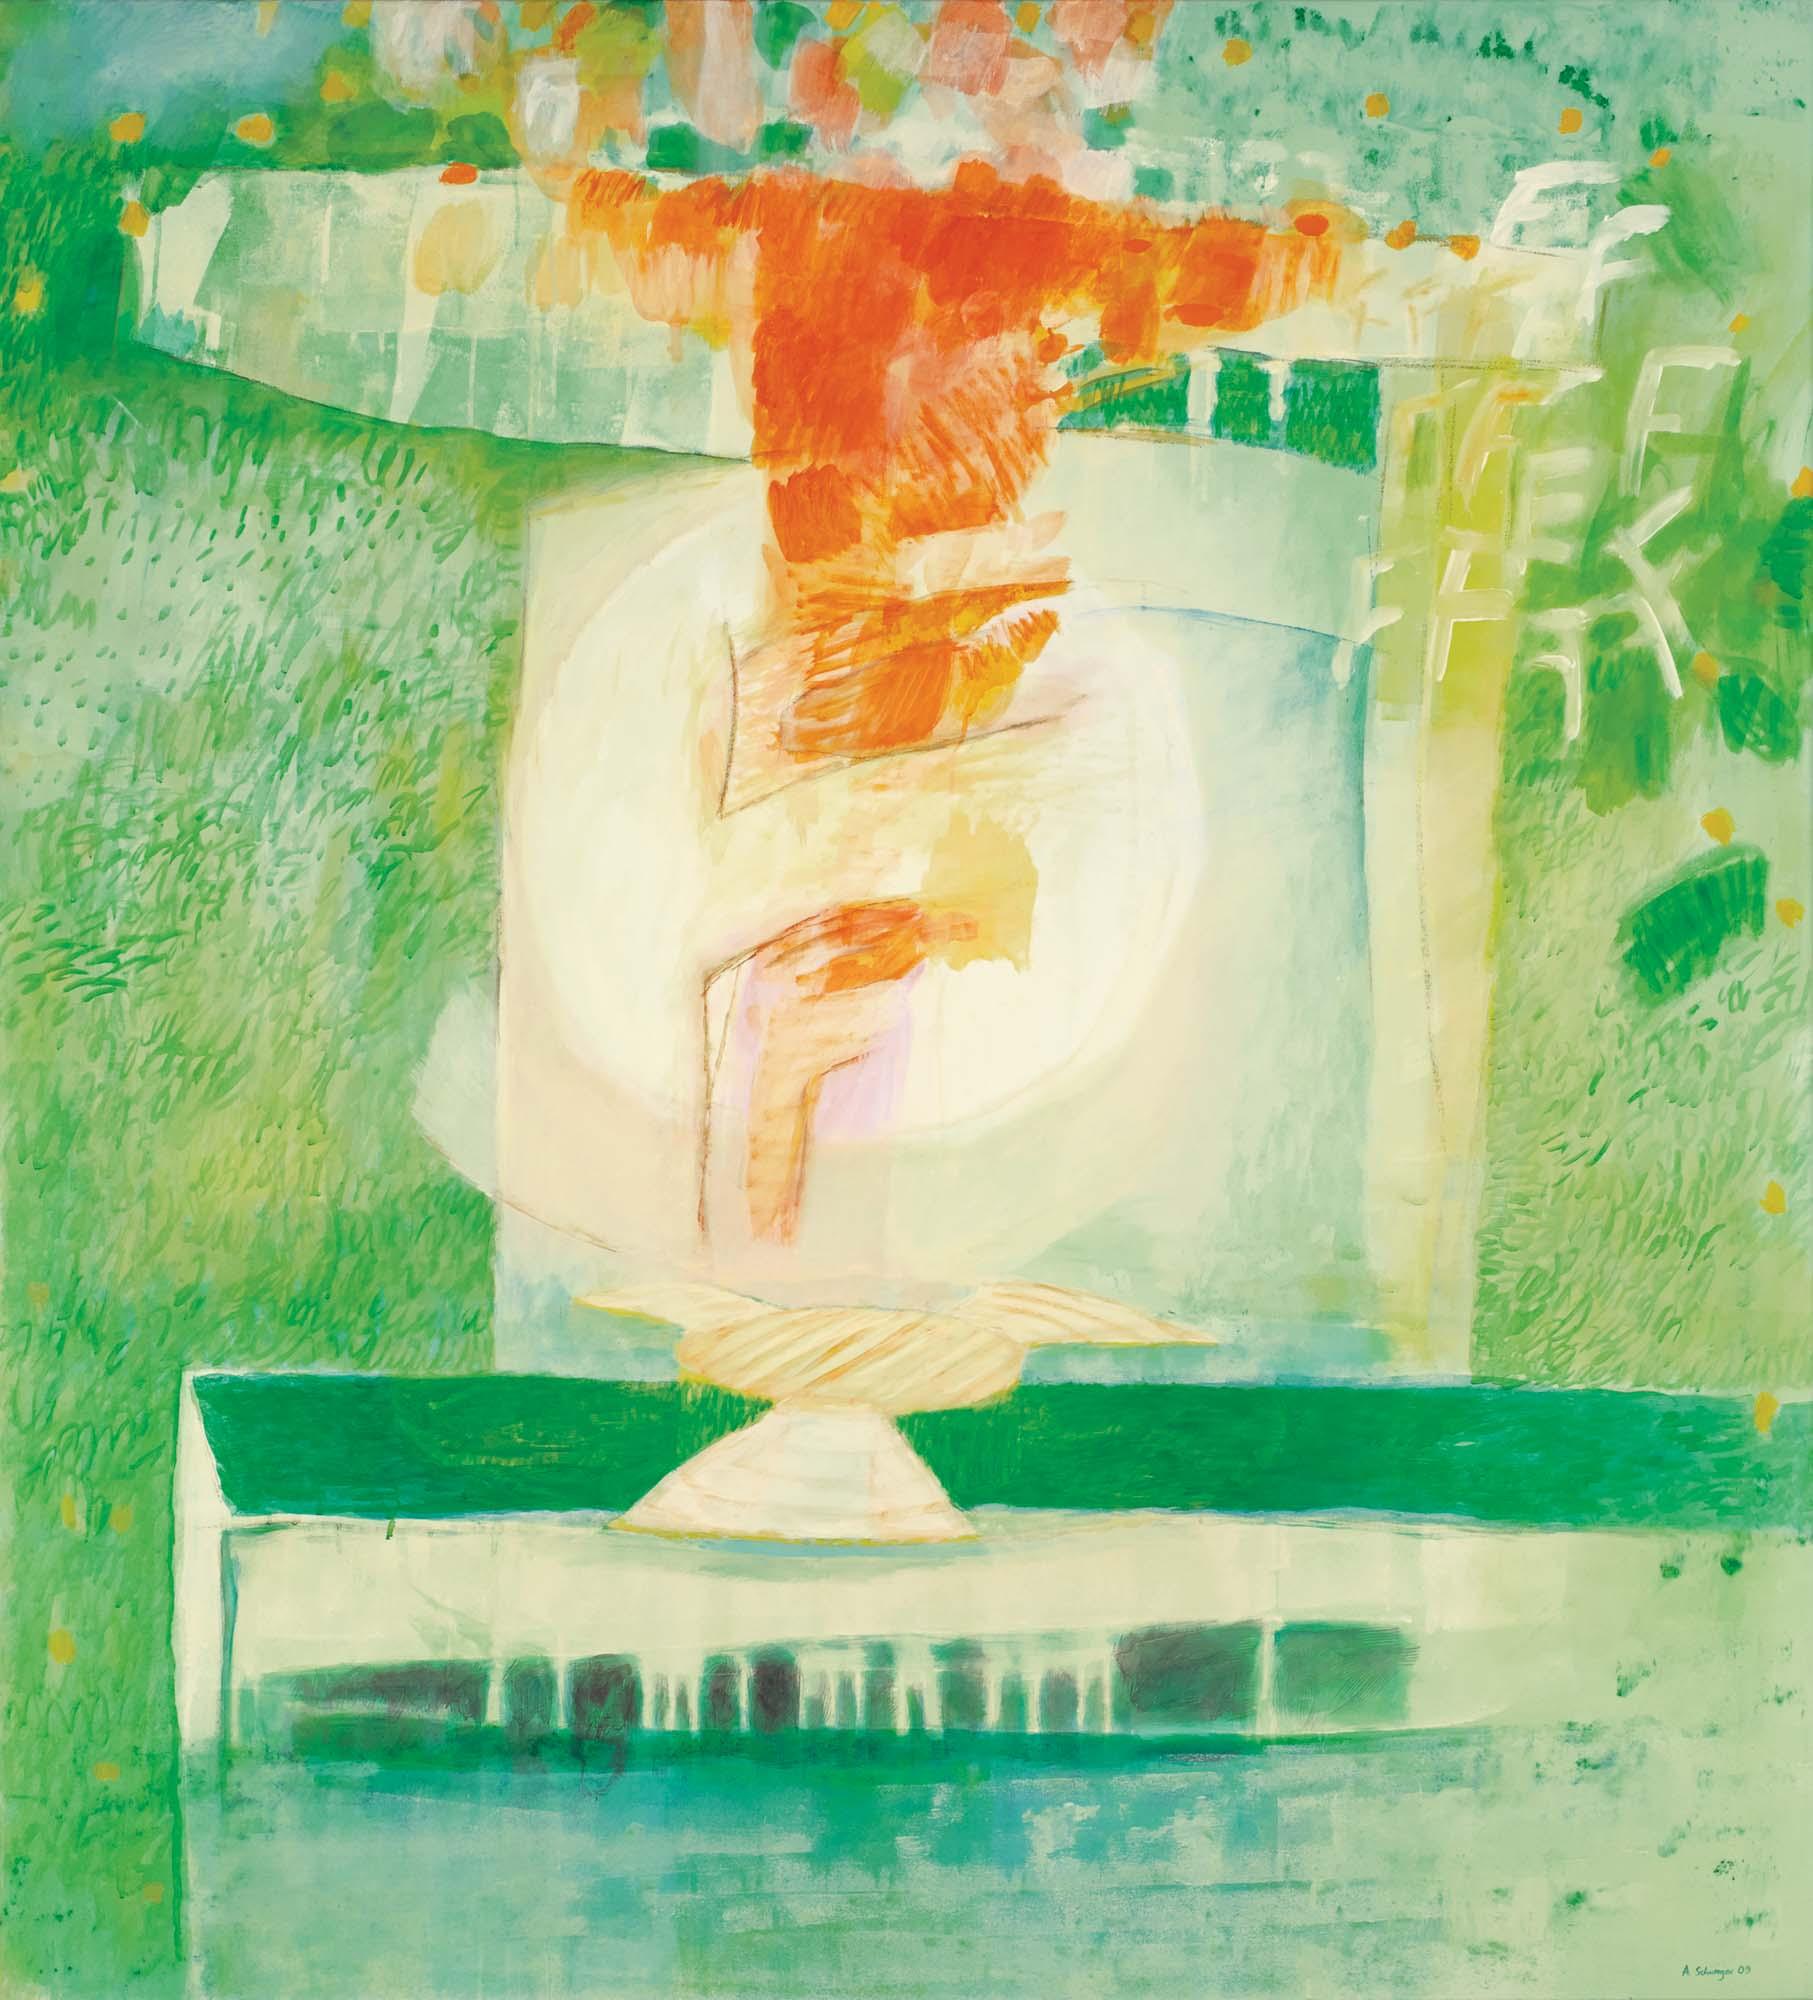 Juli (Materialismus), 2009, Mischtechnik auf Leinwand, 165 × 150 cm